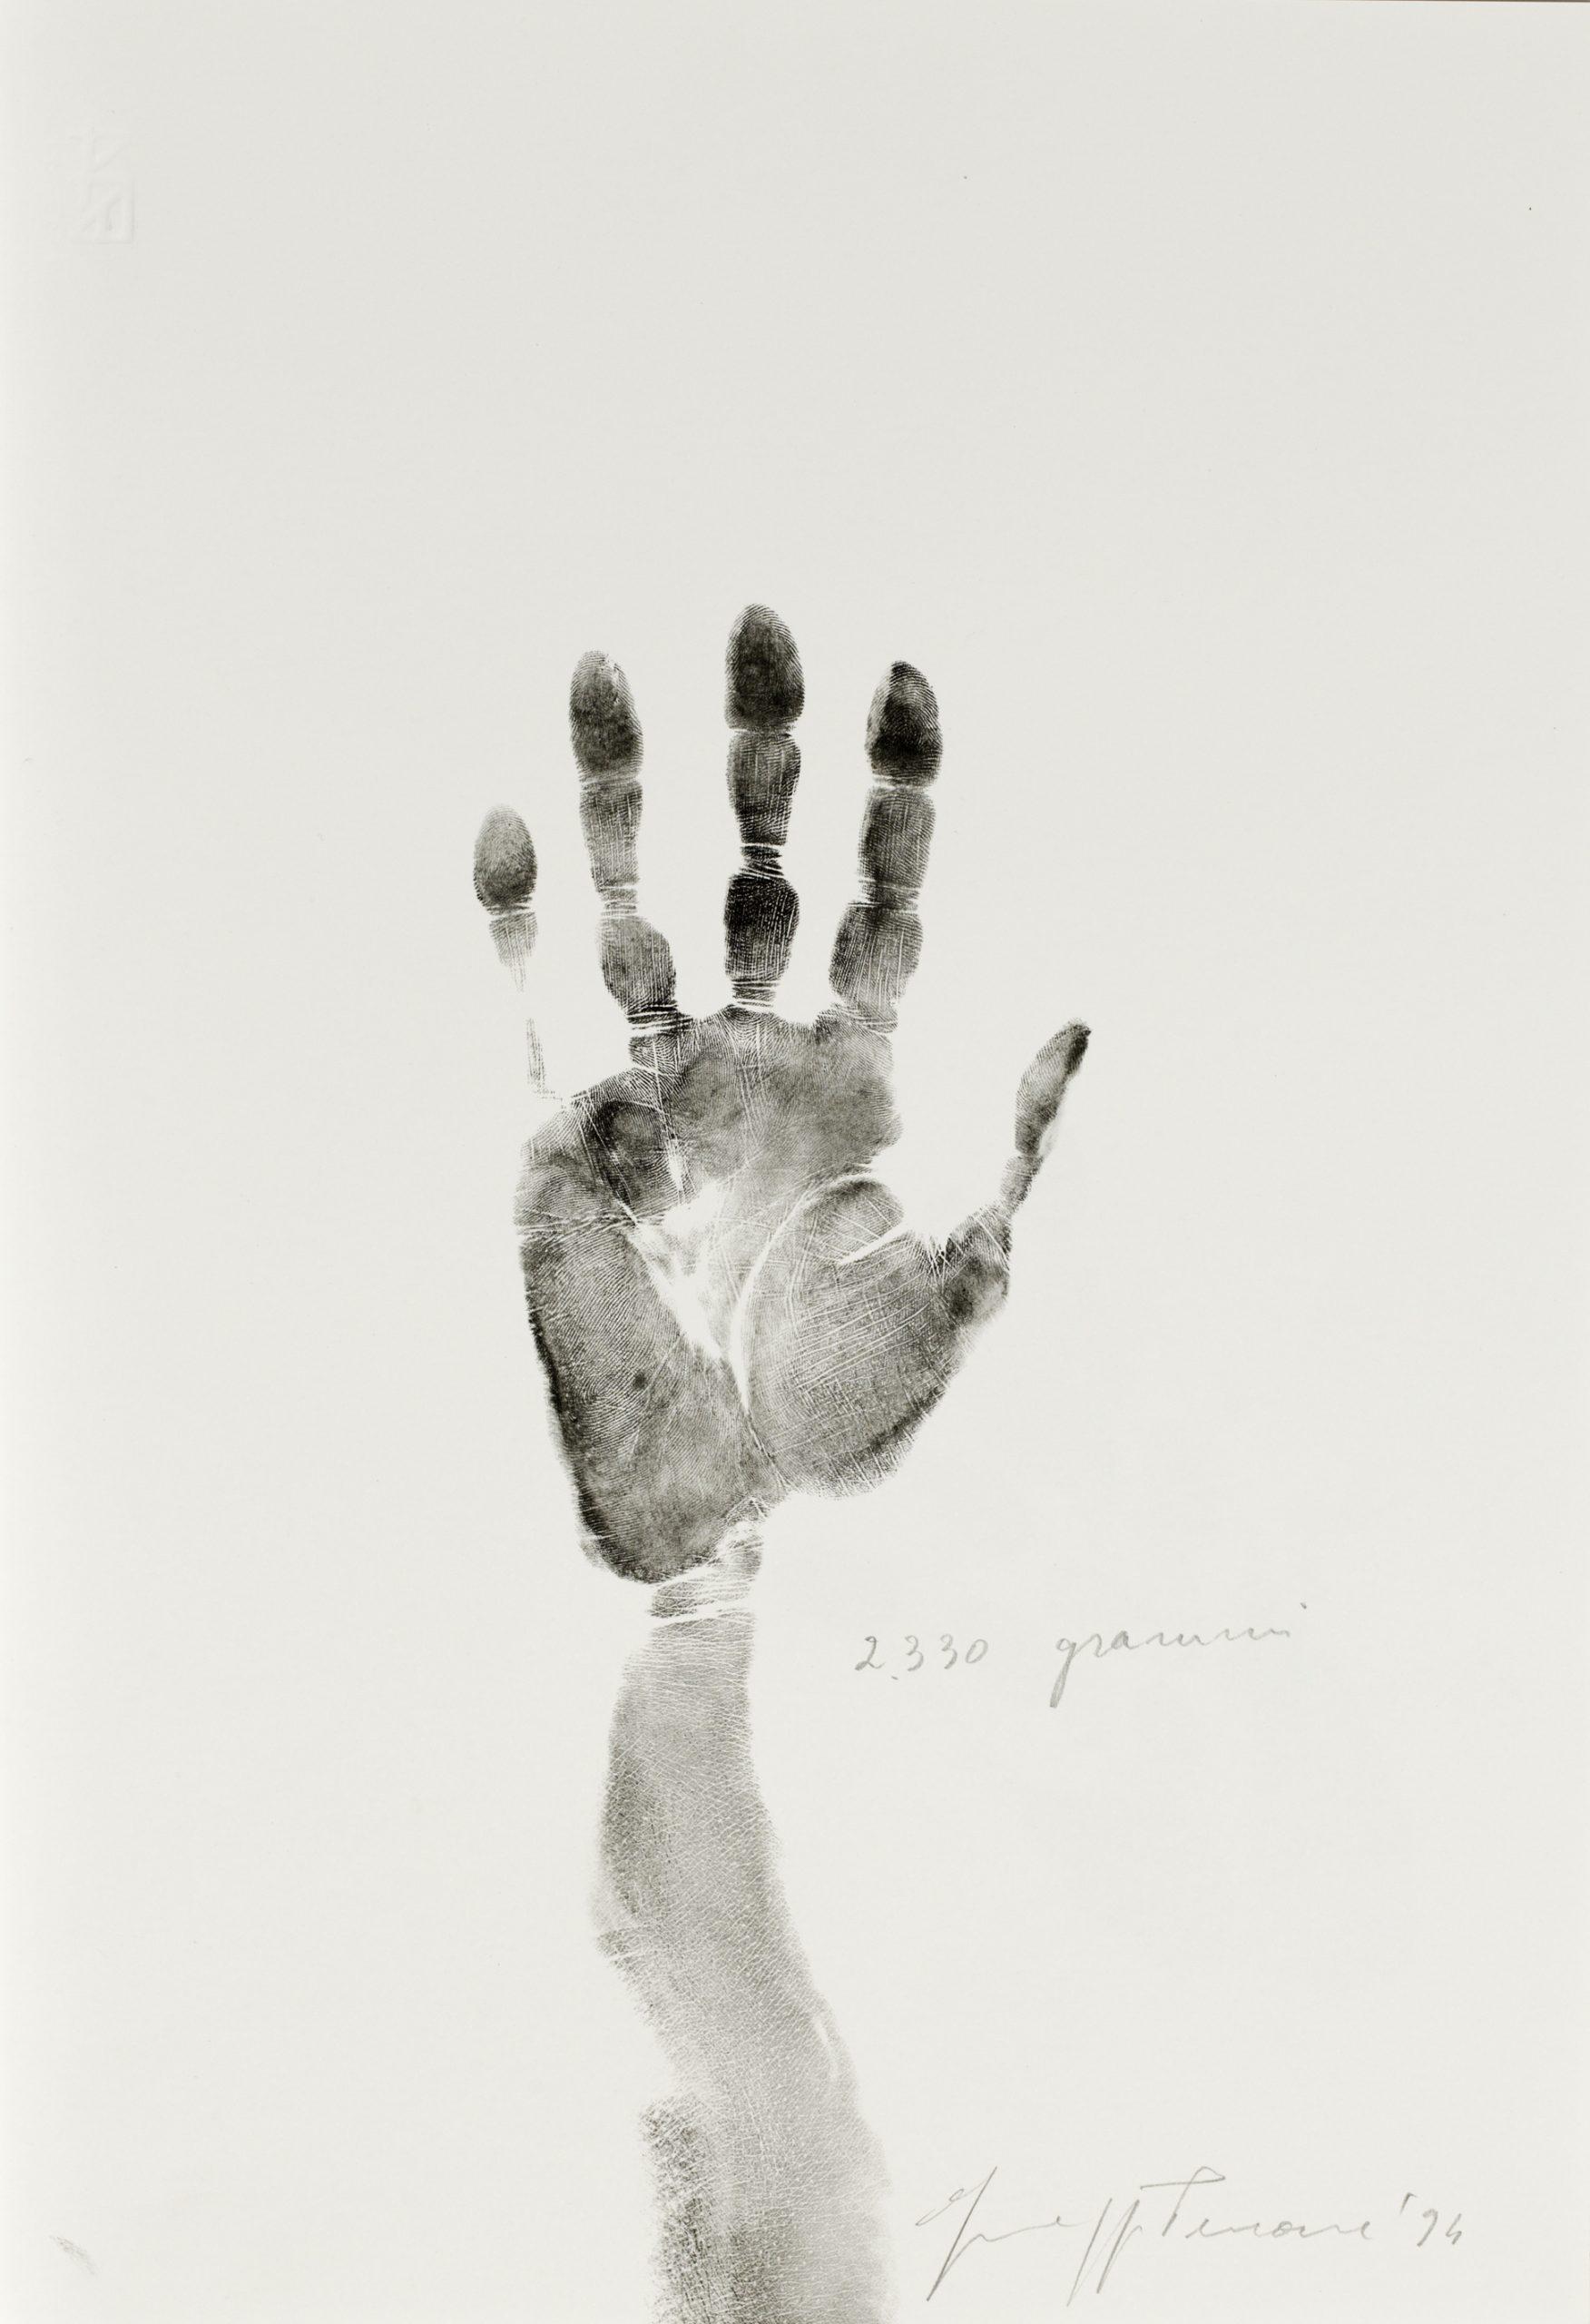 FAD MAGAZINE 2330 grammi, 1994. Giuseppe Penone. Typographic ink and pencil on paper © Archivio Penone © Centre Pompidou, MNAM-CCI /Dist. RMN-GP